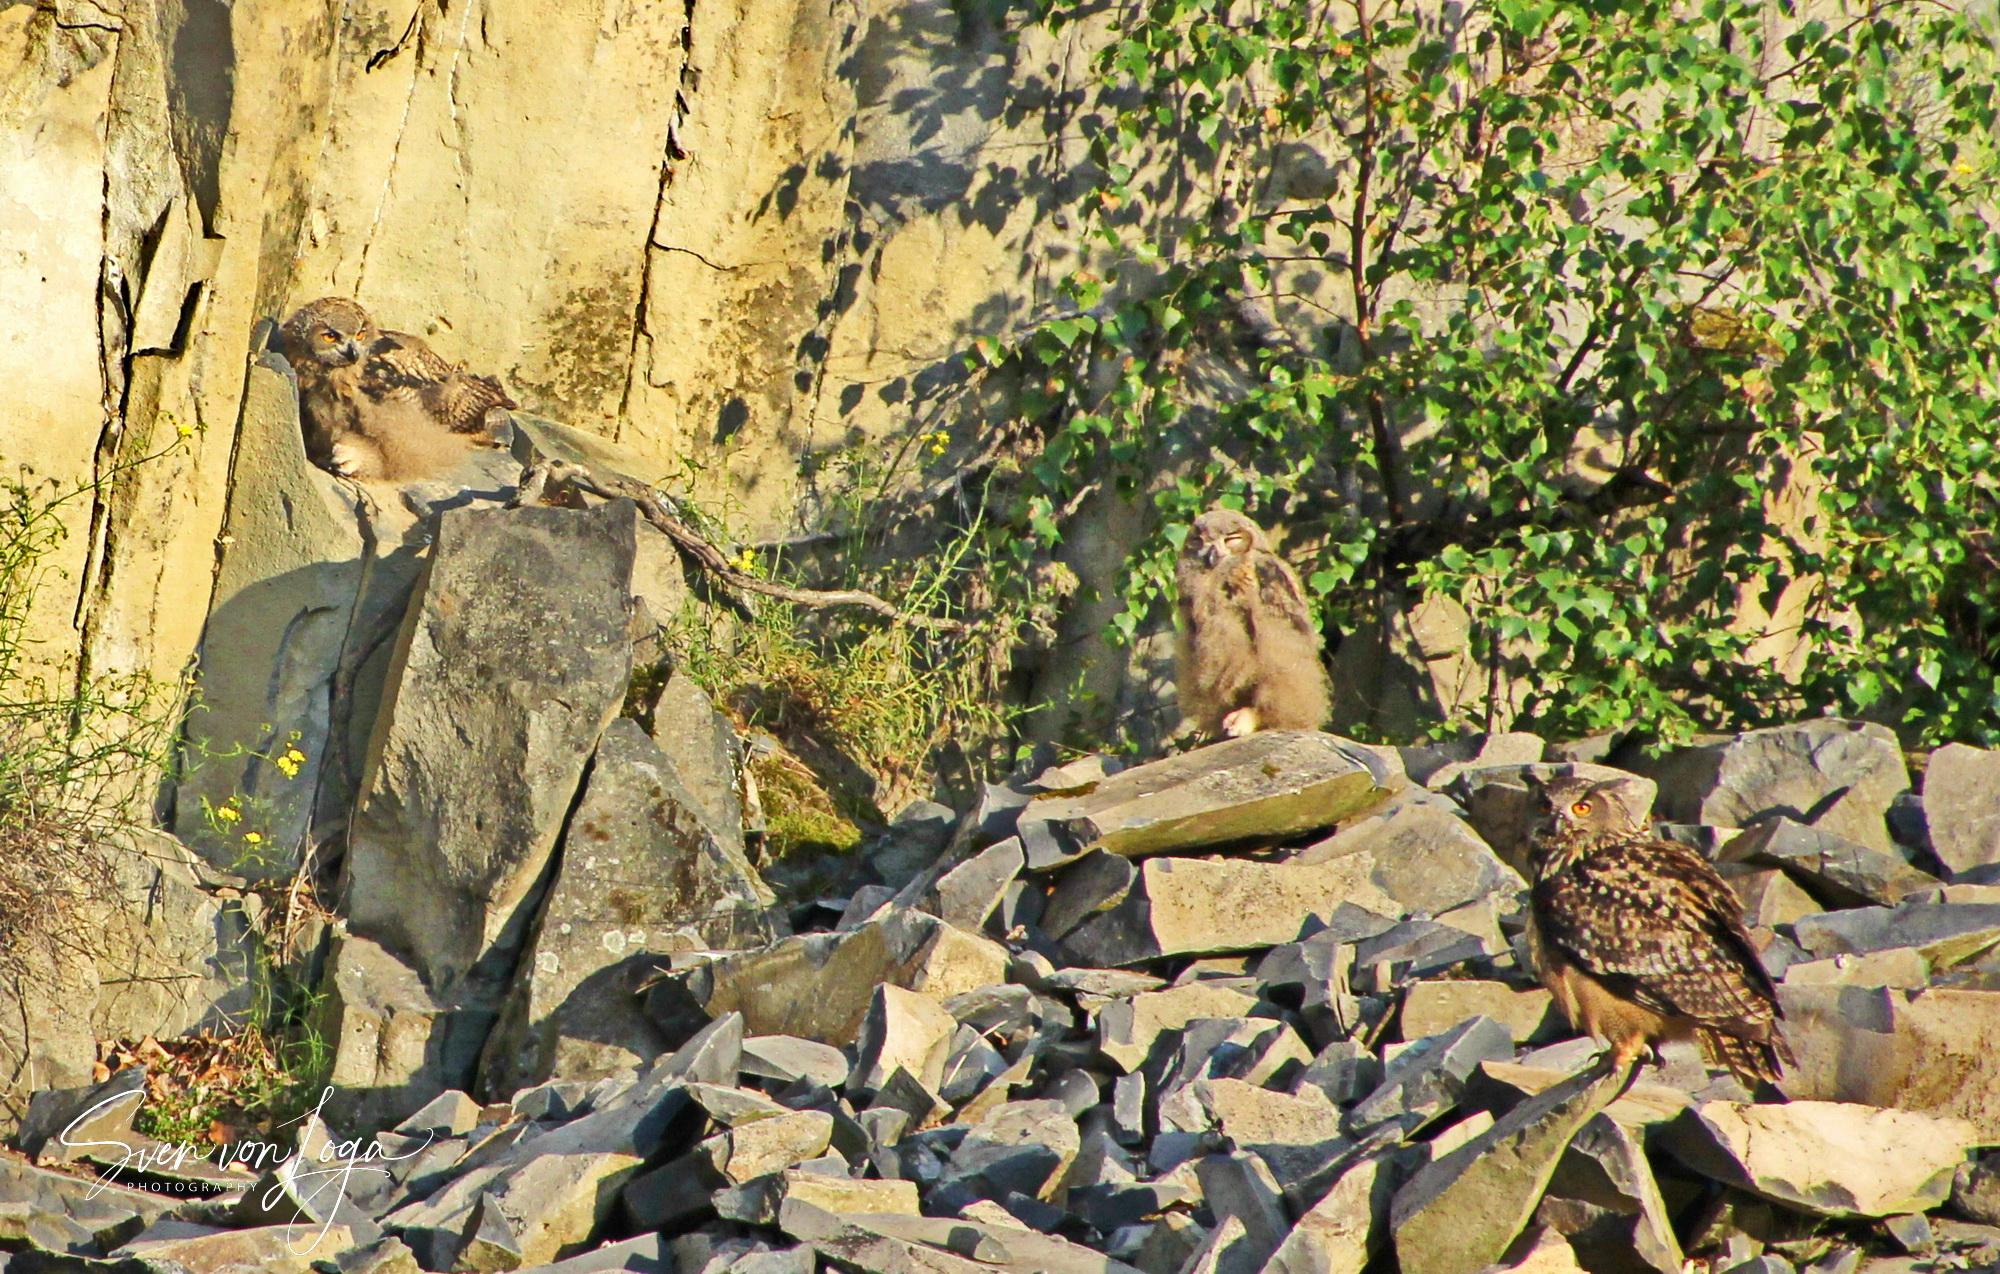 Uhufamilie im Steinbruch